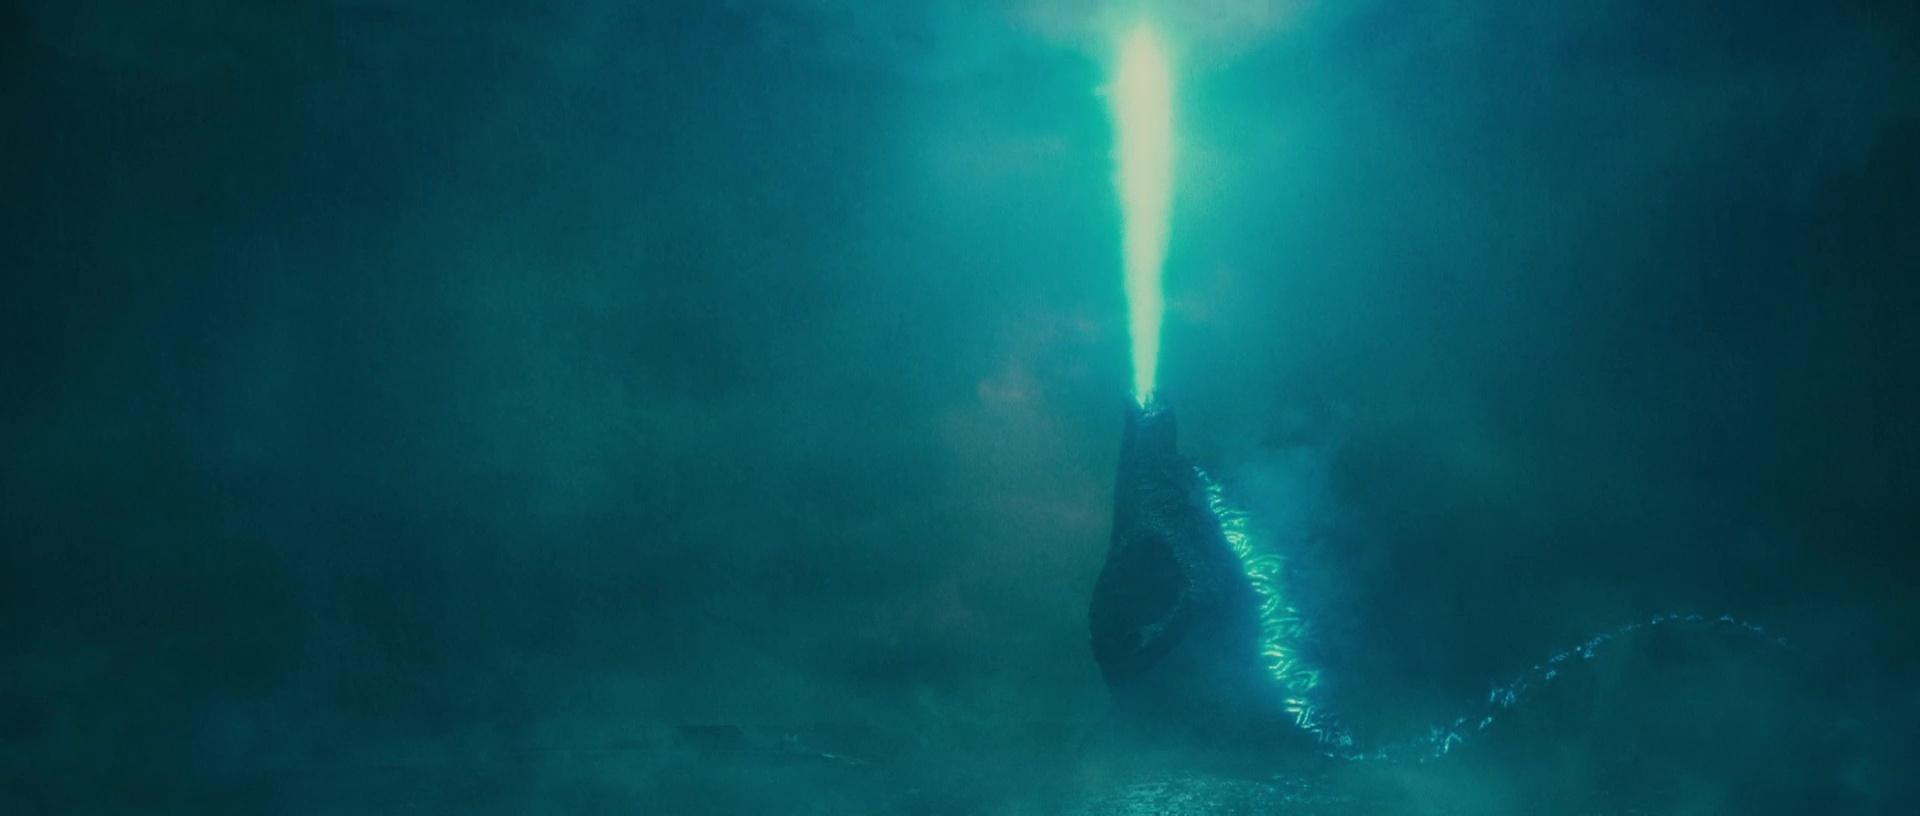 Godzilla 2 bude svižnější a jednotlivá monstra se vzpínají na plakátech | Fandíme filmu